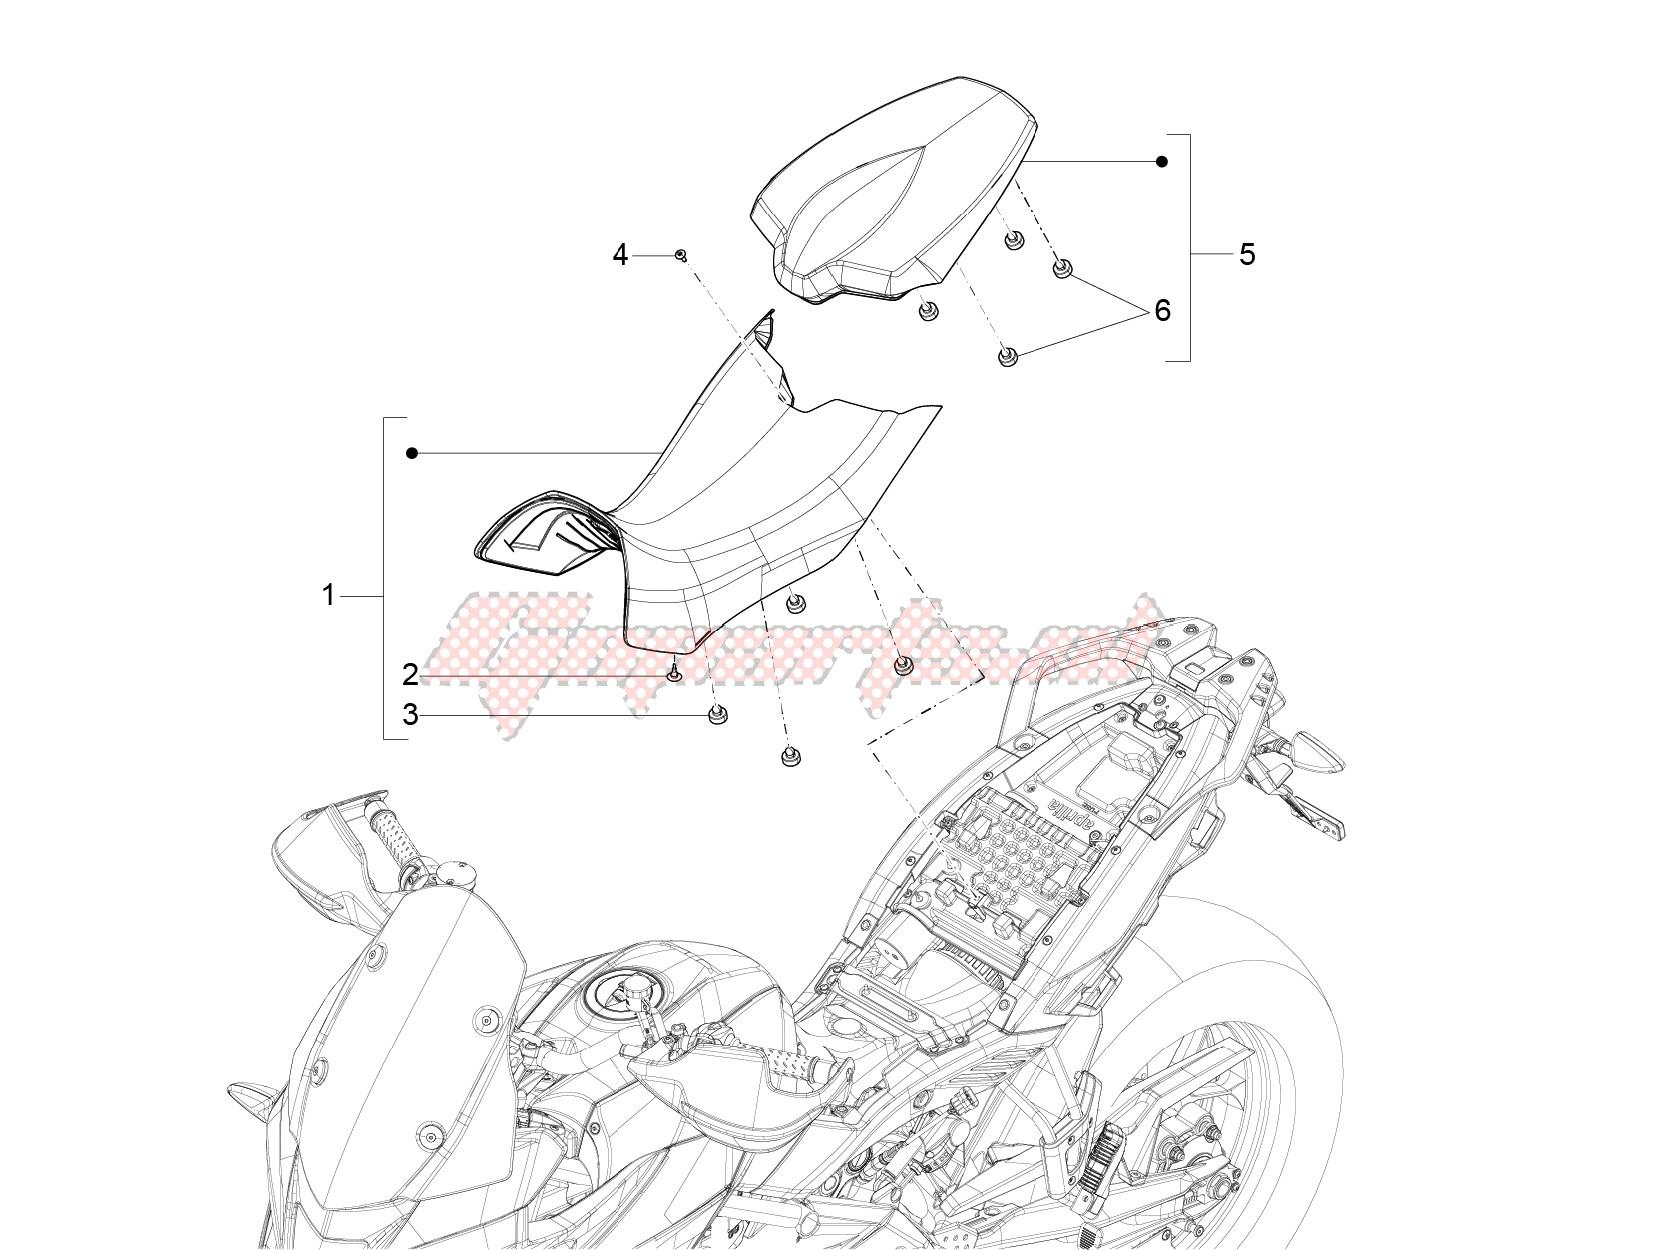 Saddle image